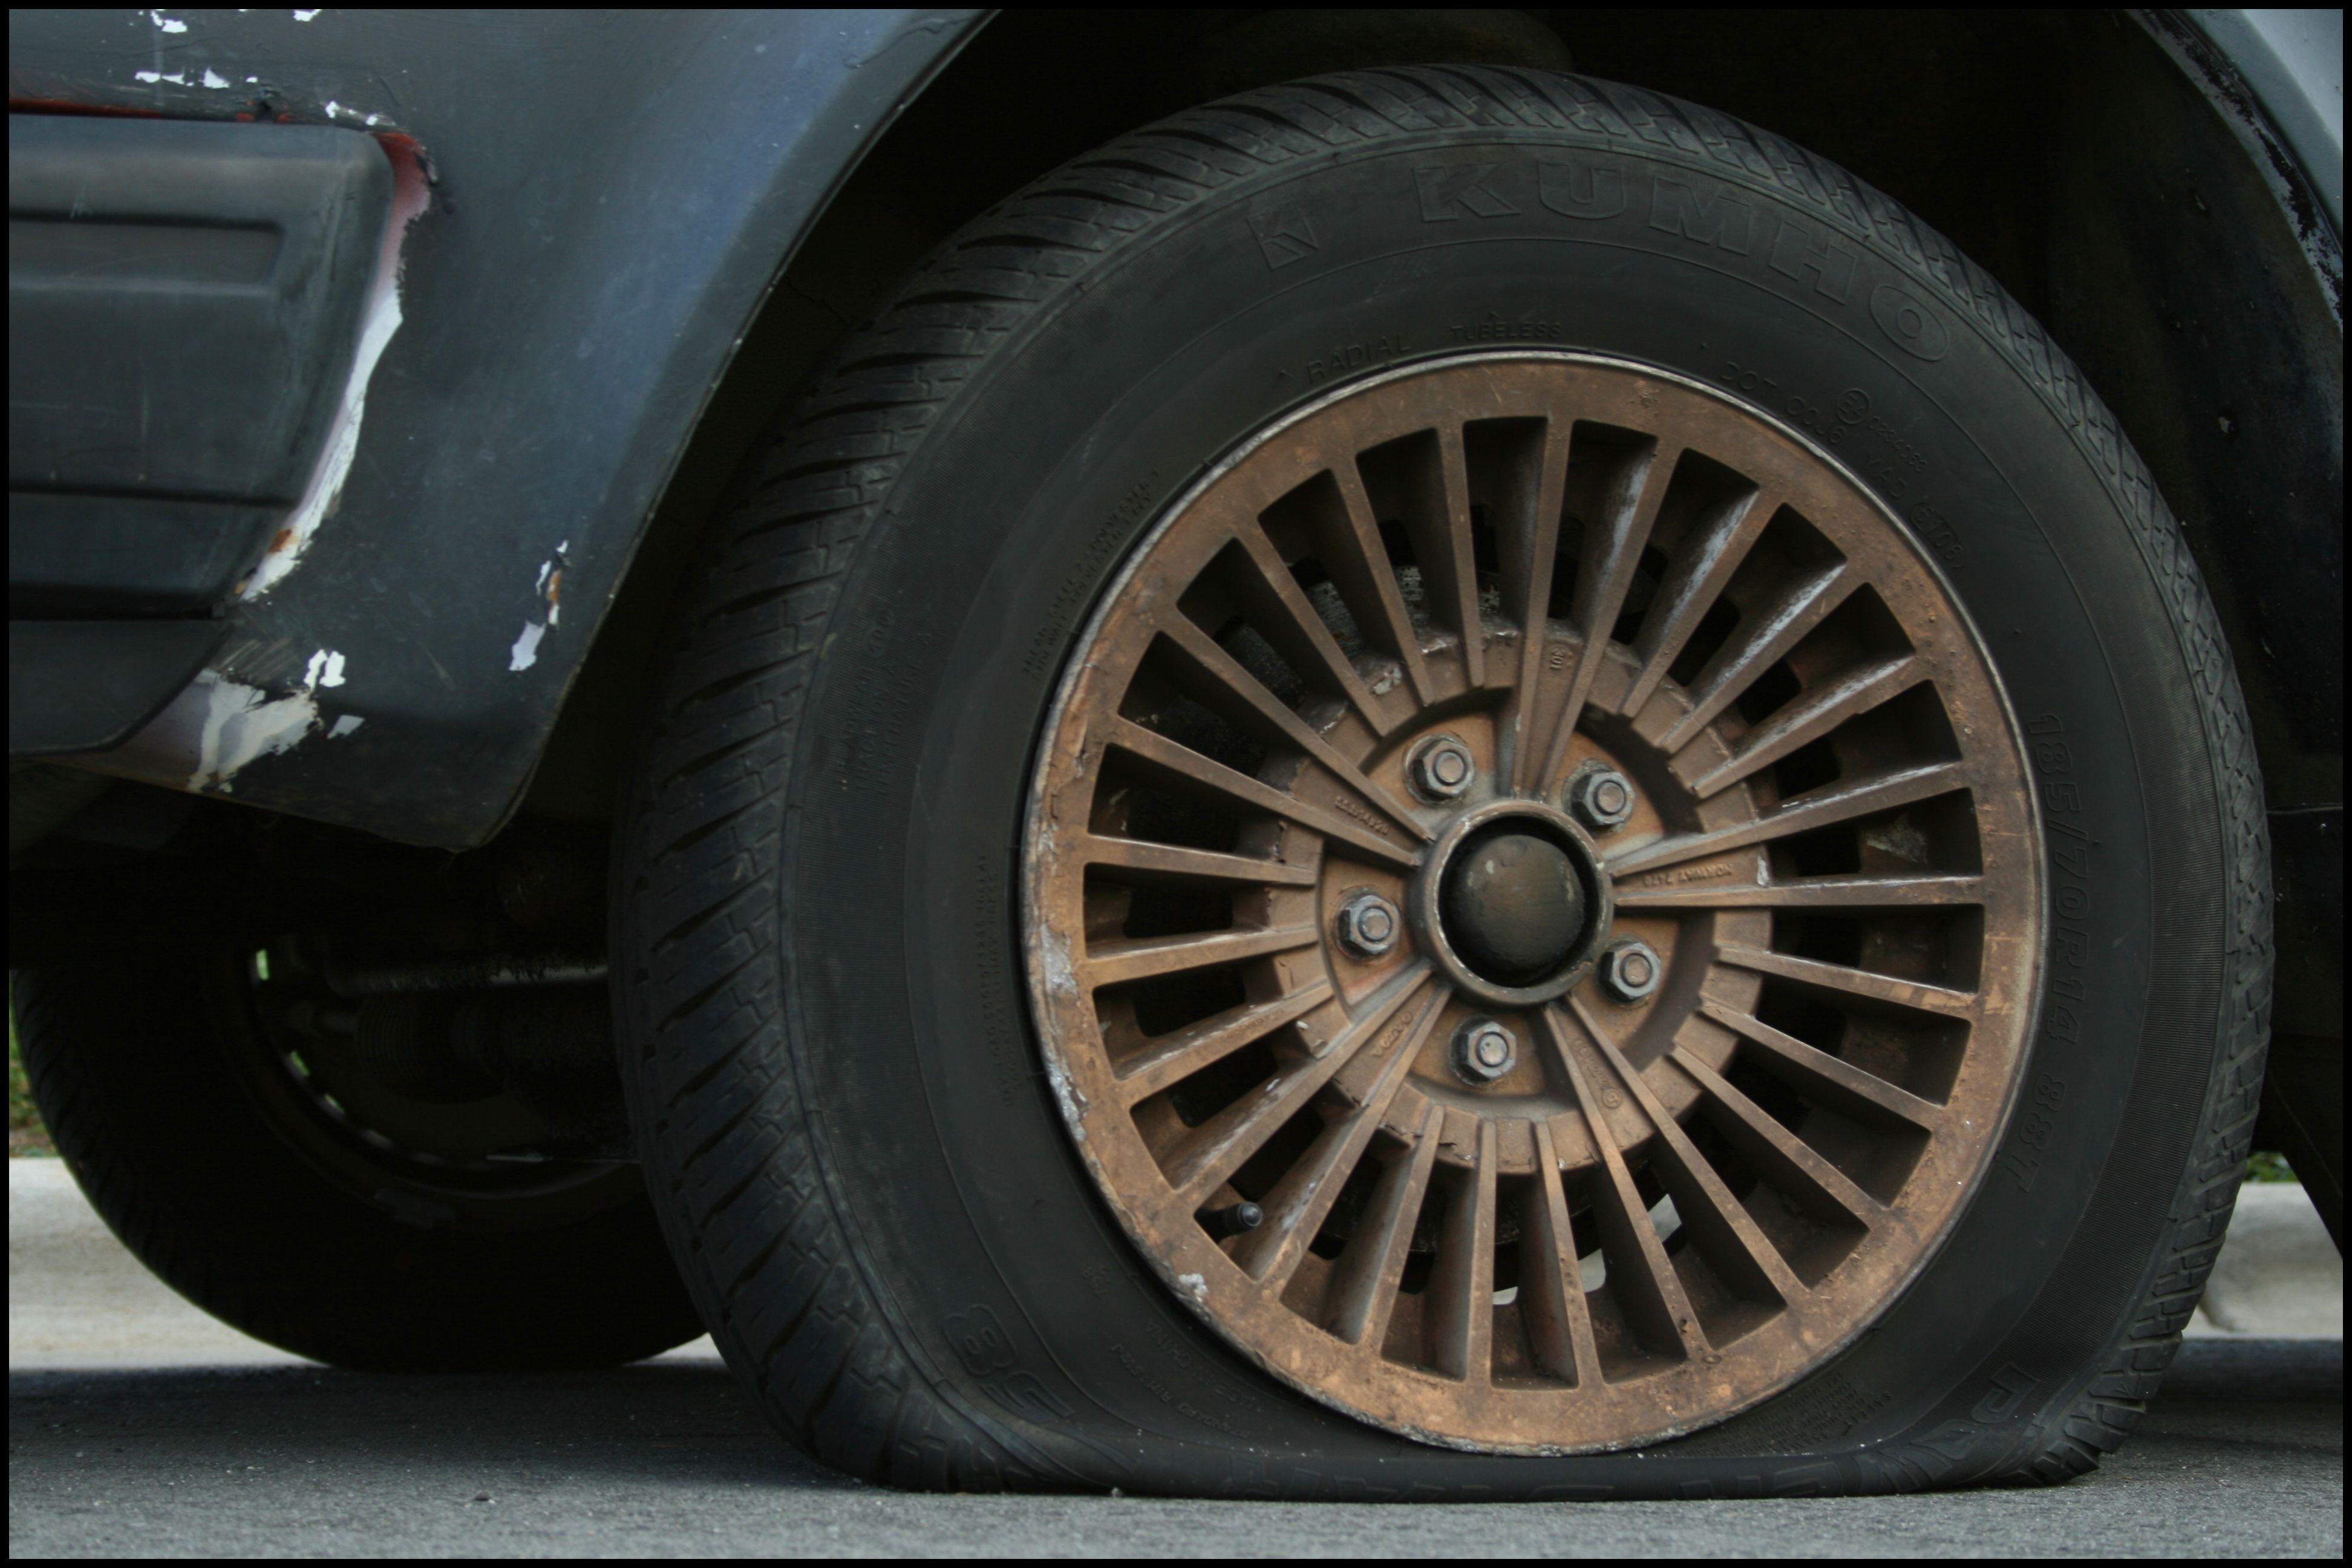 2008 08 19 Flat tire 57fa71f95f9b586c357dca12